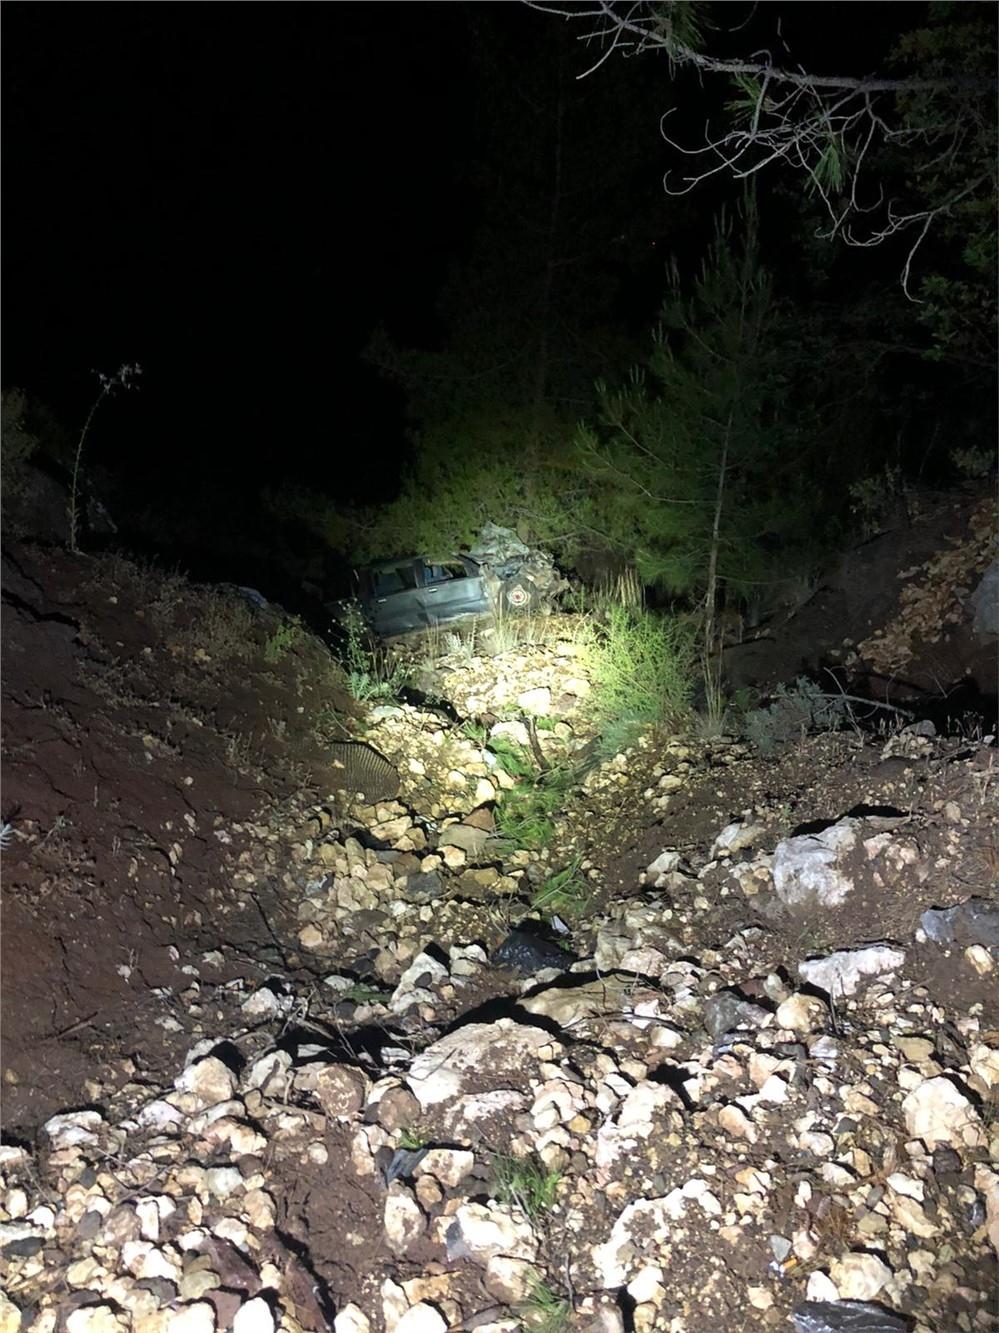 Mersin Erdemli Çamlı Mahallesinde Yaşayan Hasan Eren İsimli Kayıp Gencin Kaza Yapıp Uçuruma Yuvarlandığı Ortaya Çıktı